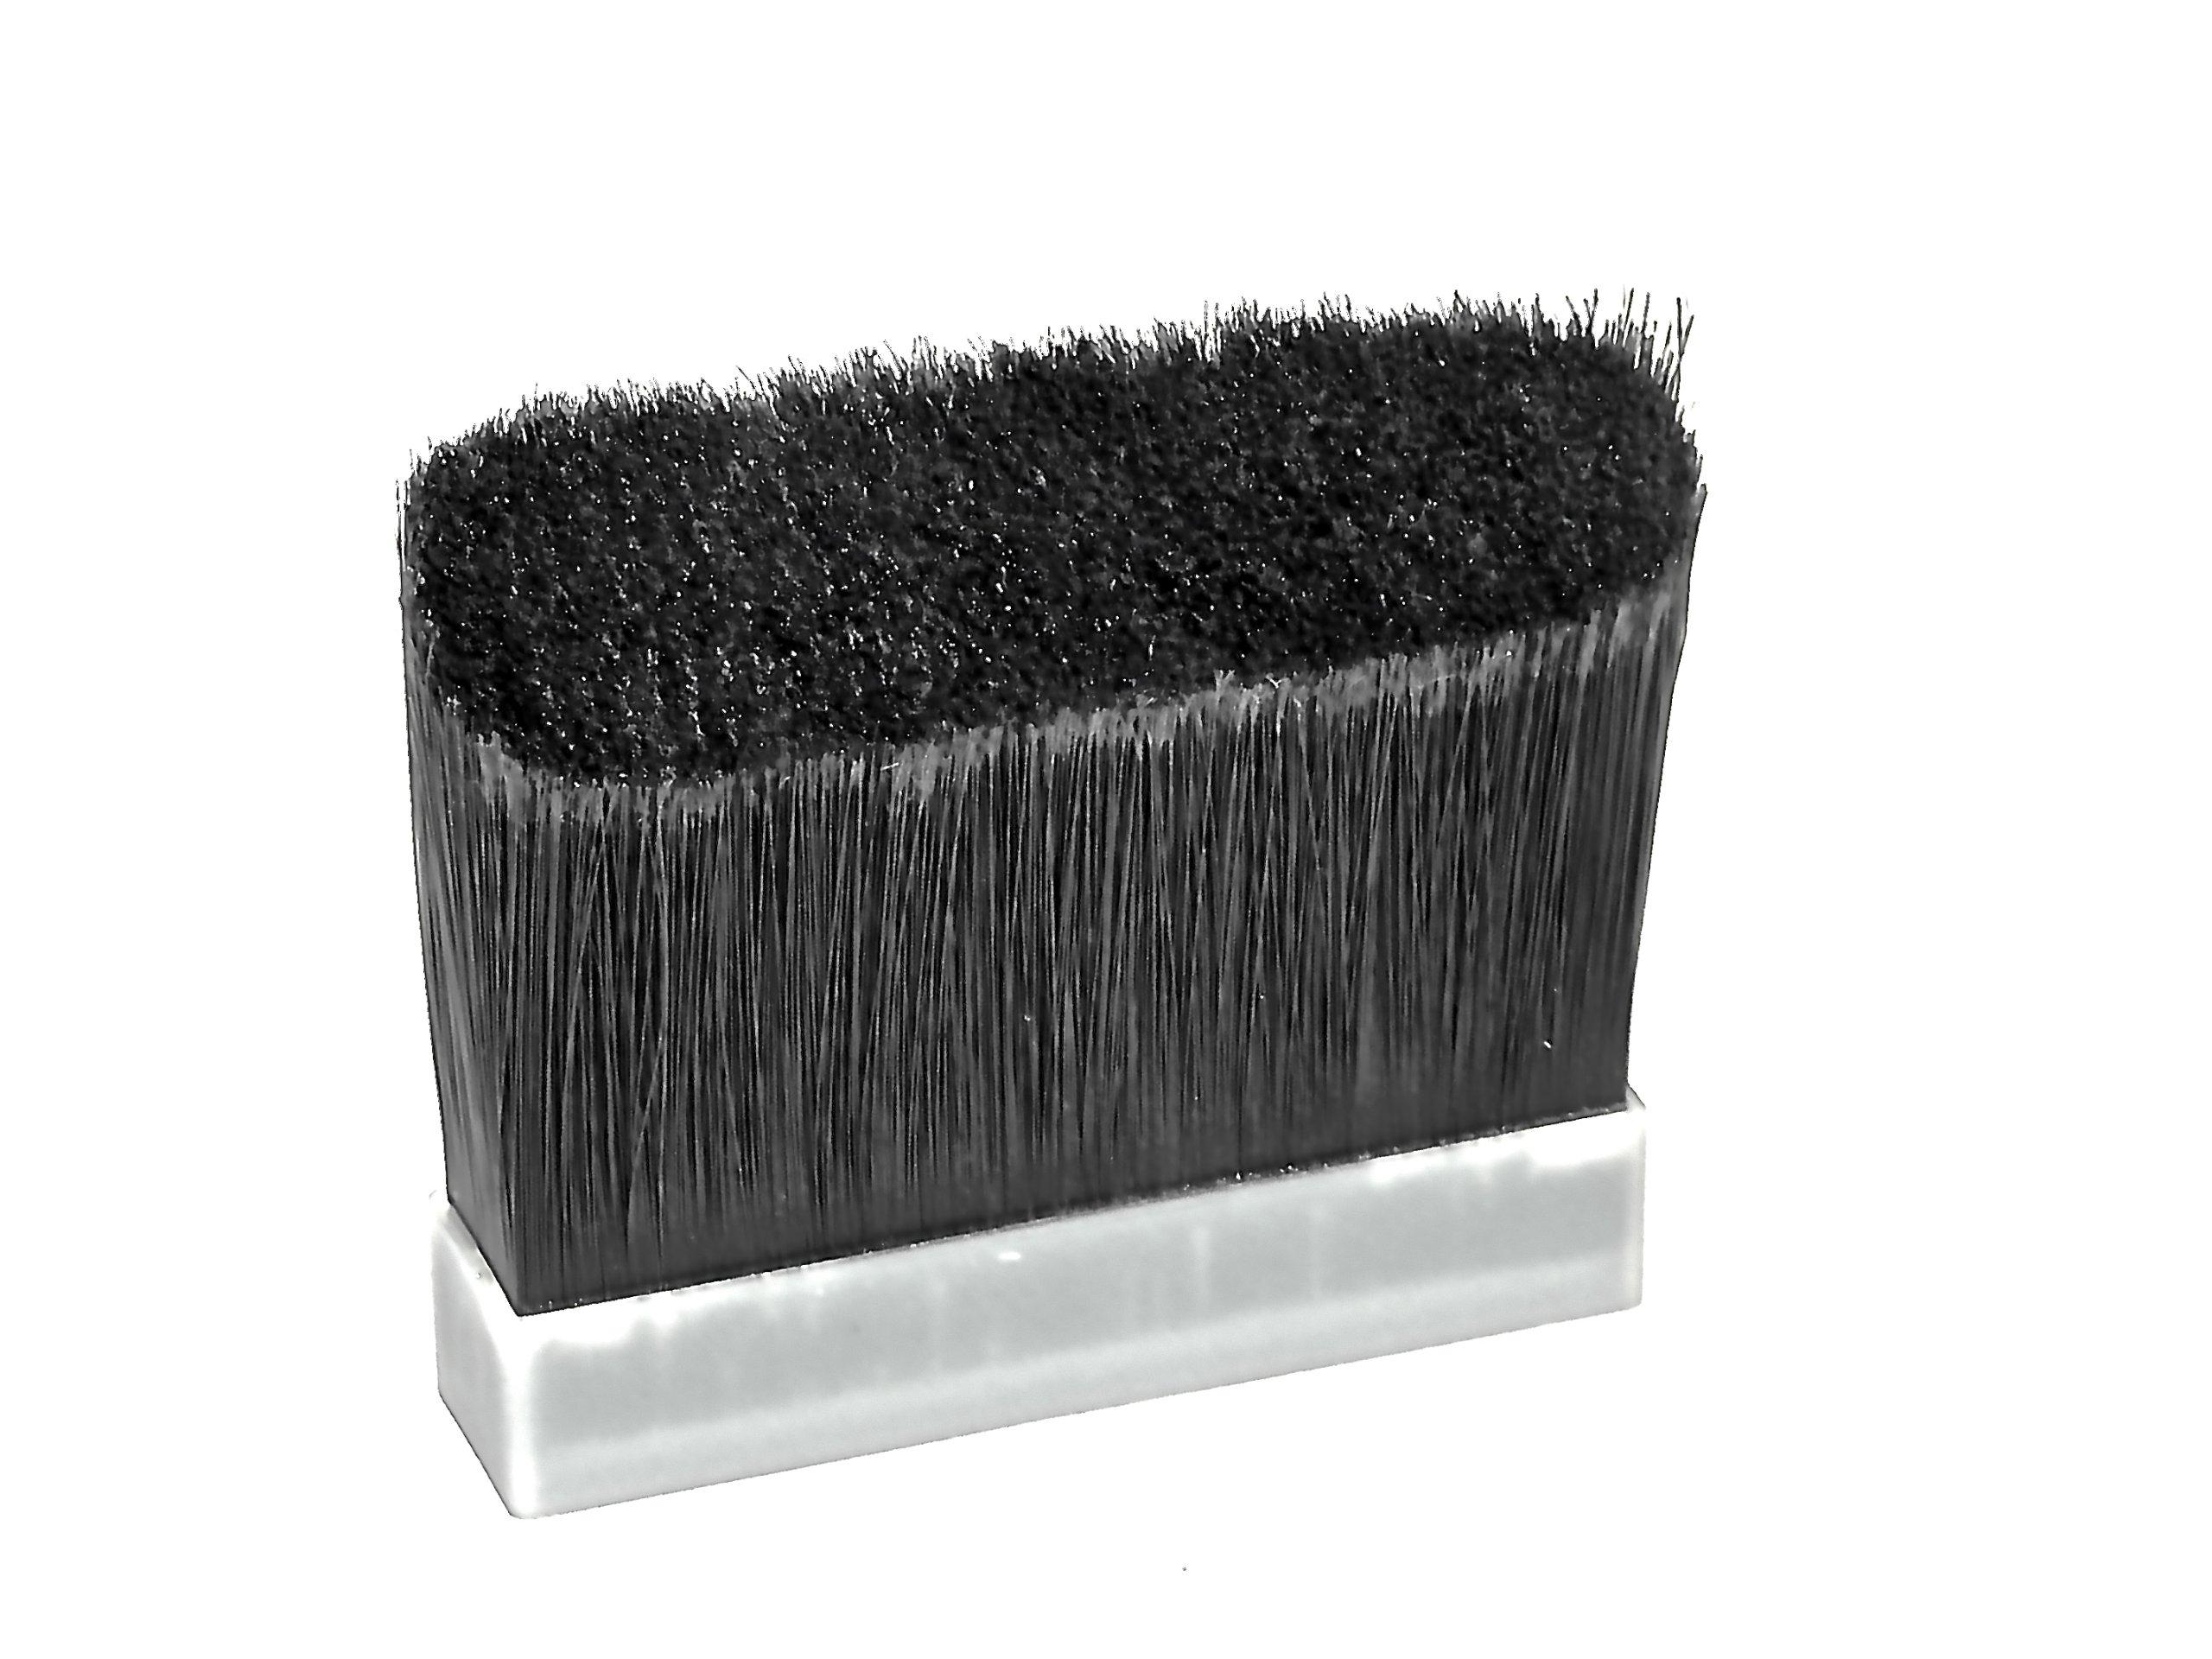 MARSH Moistening Brush, For TD2100 Series Portable Tape Dispensers